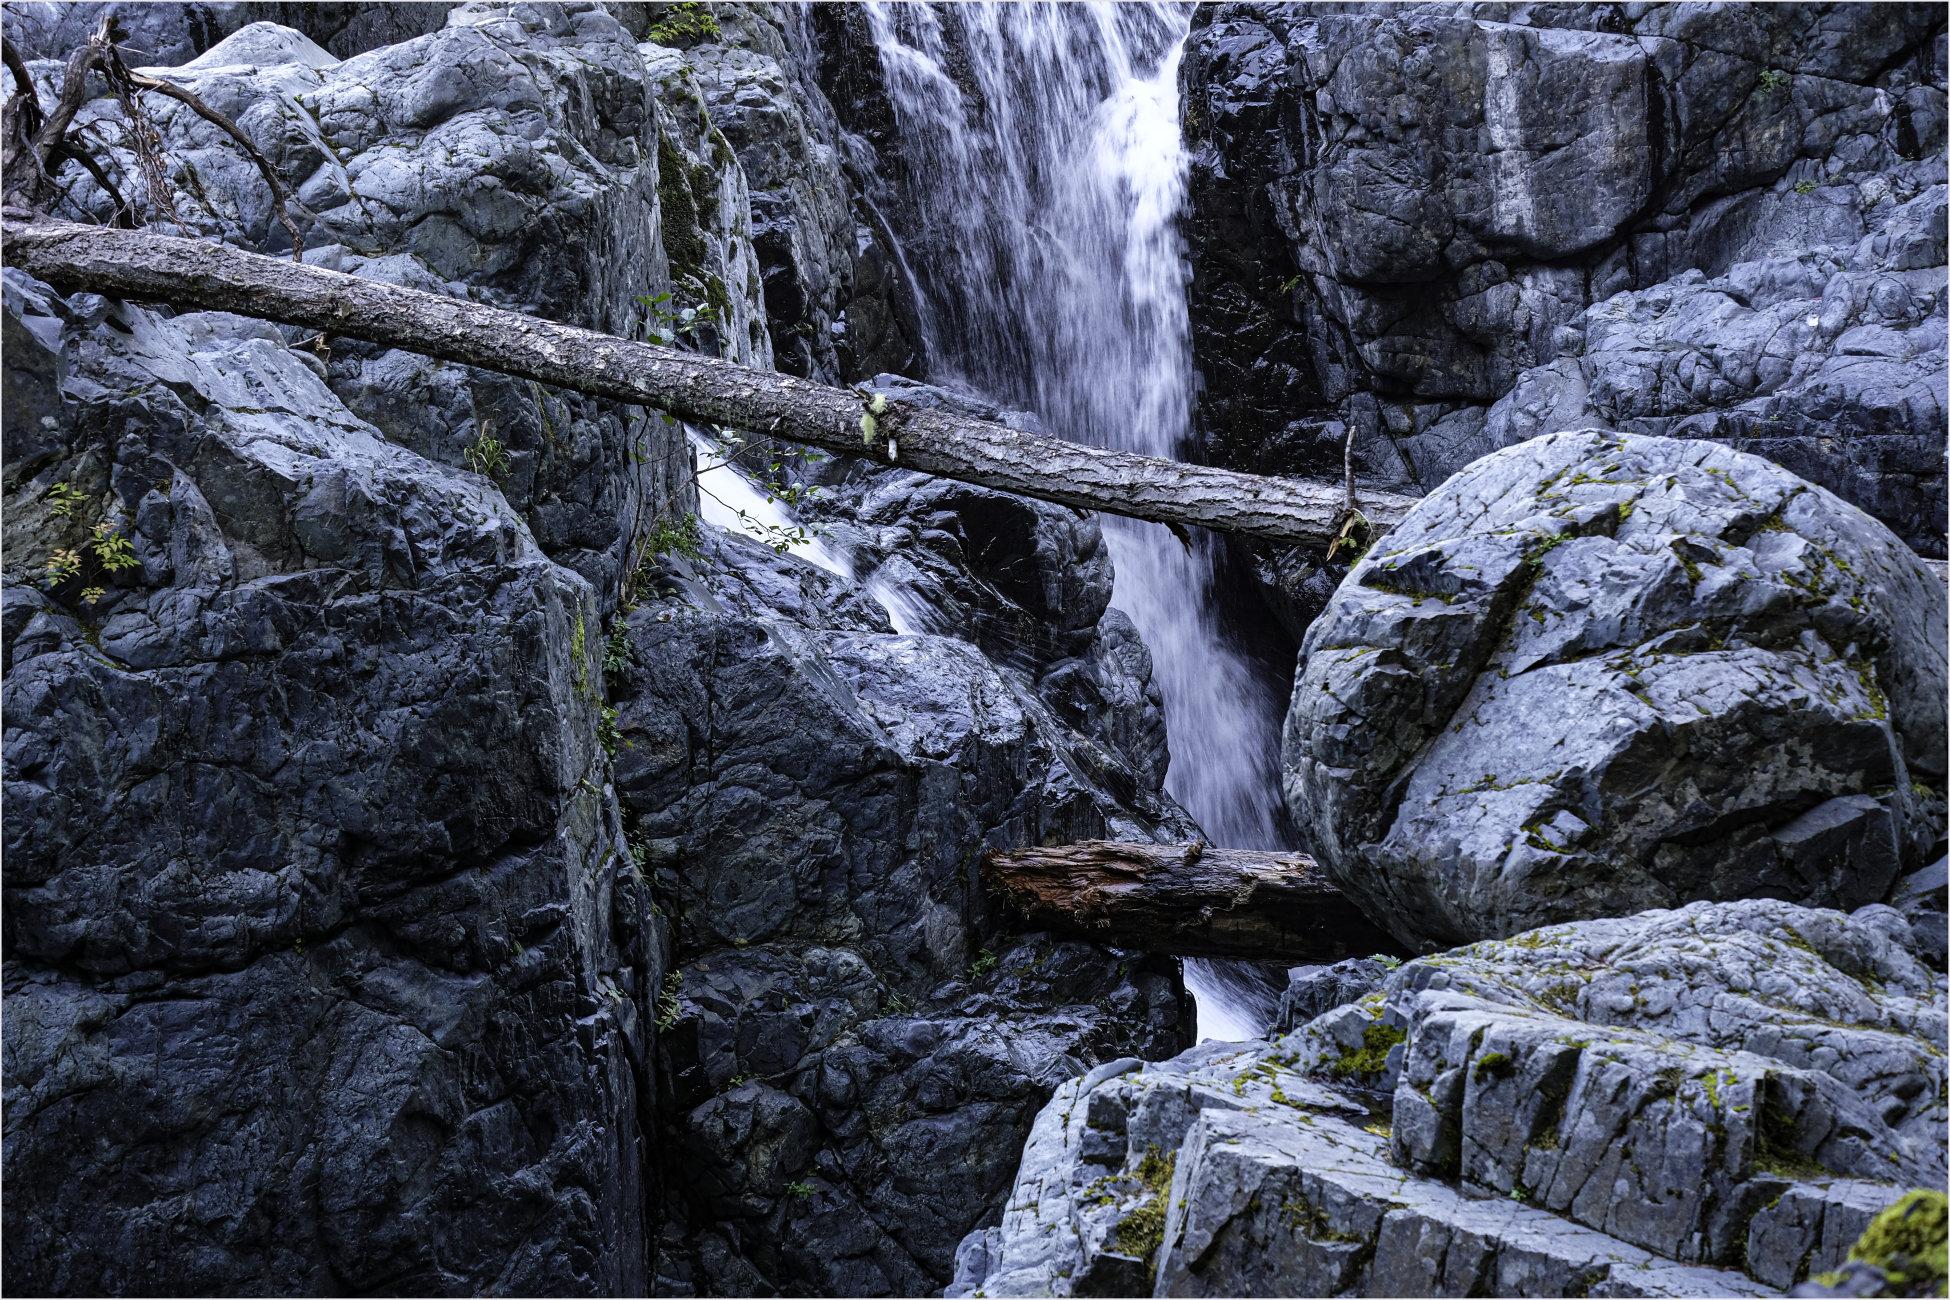 Morning at the Falls